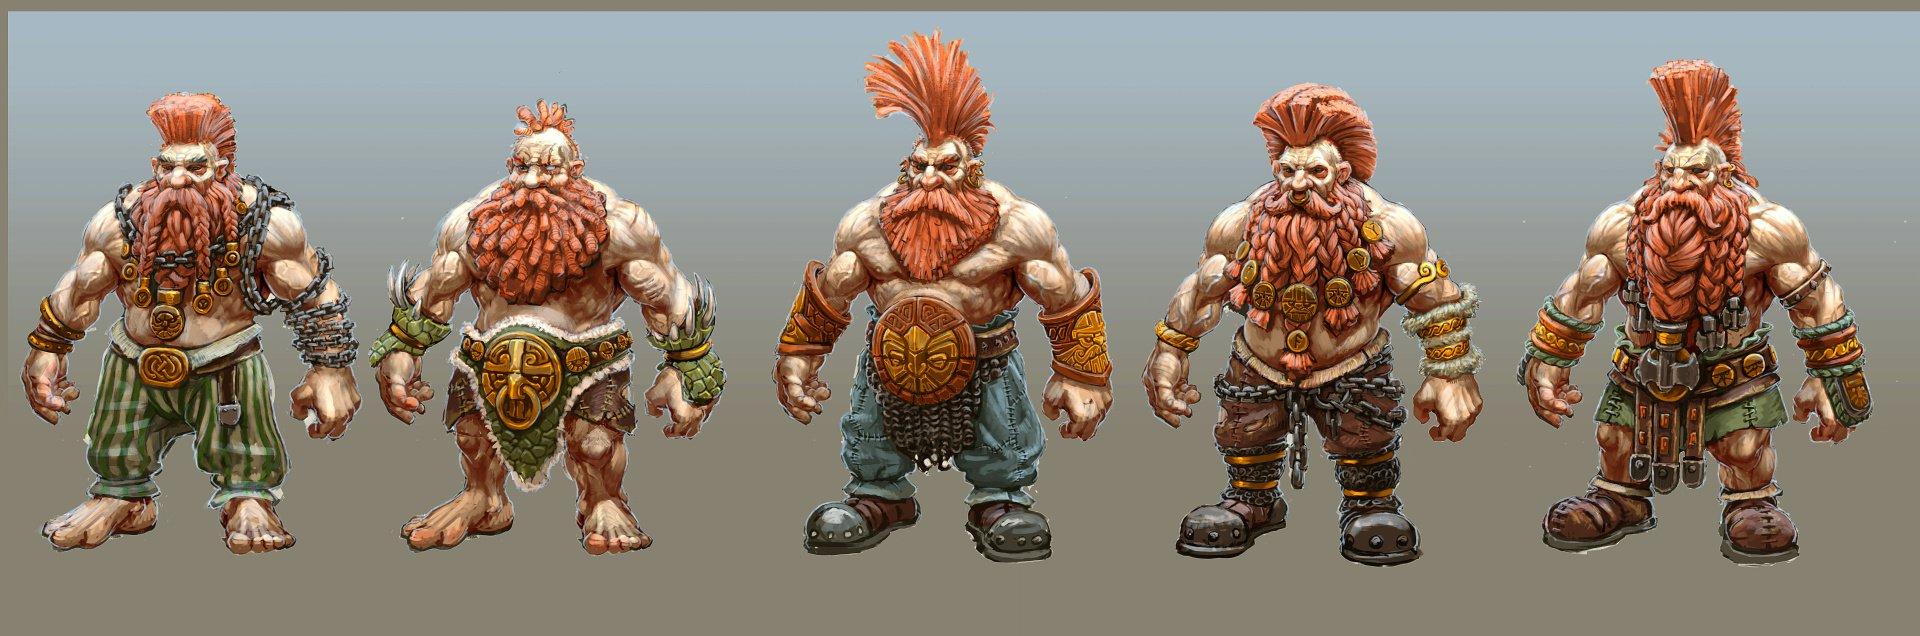 Total War Warhammer   Imgenes juego PC   3DJuegos 1920x636